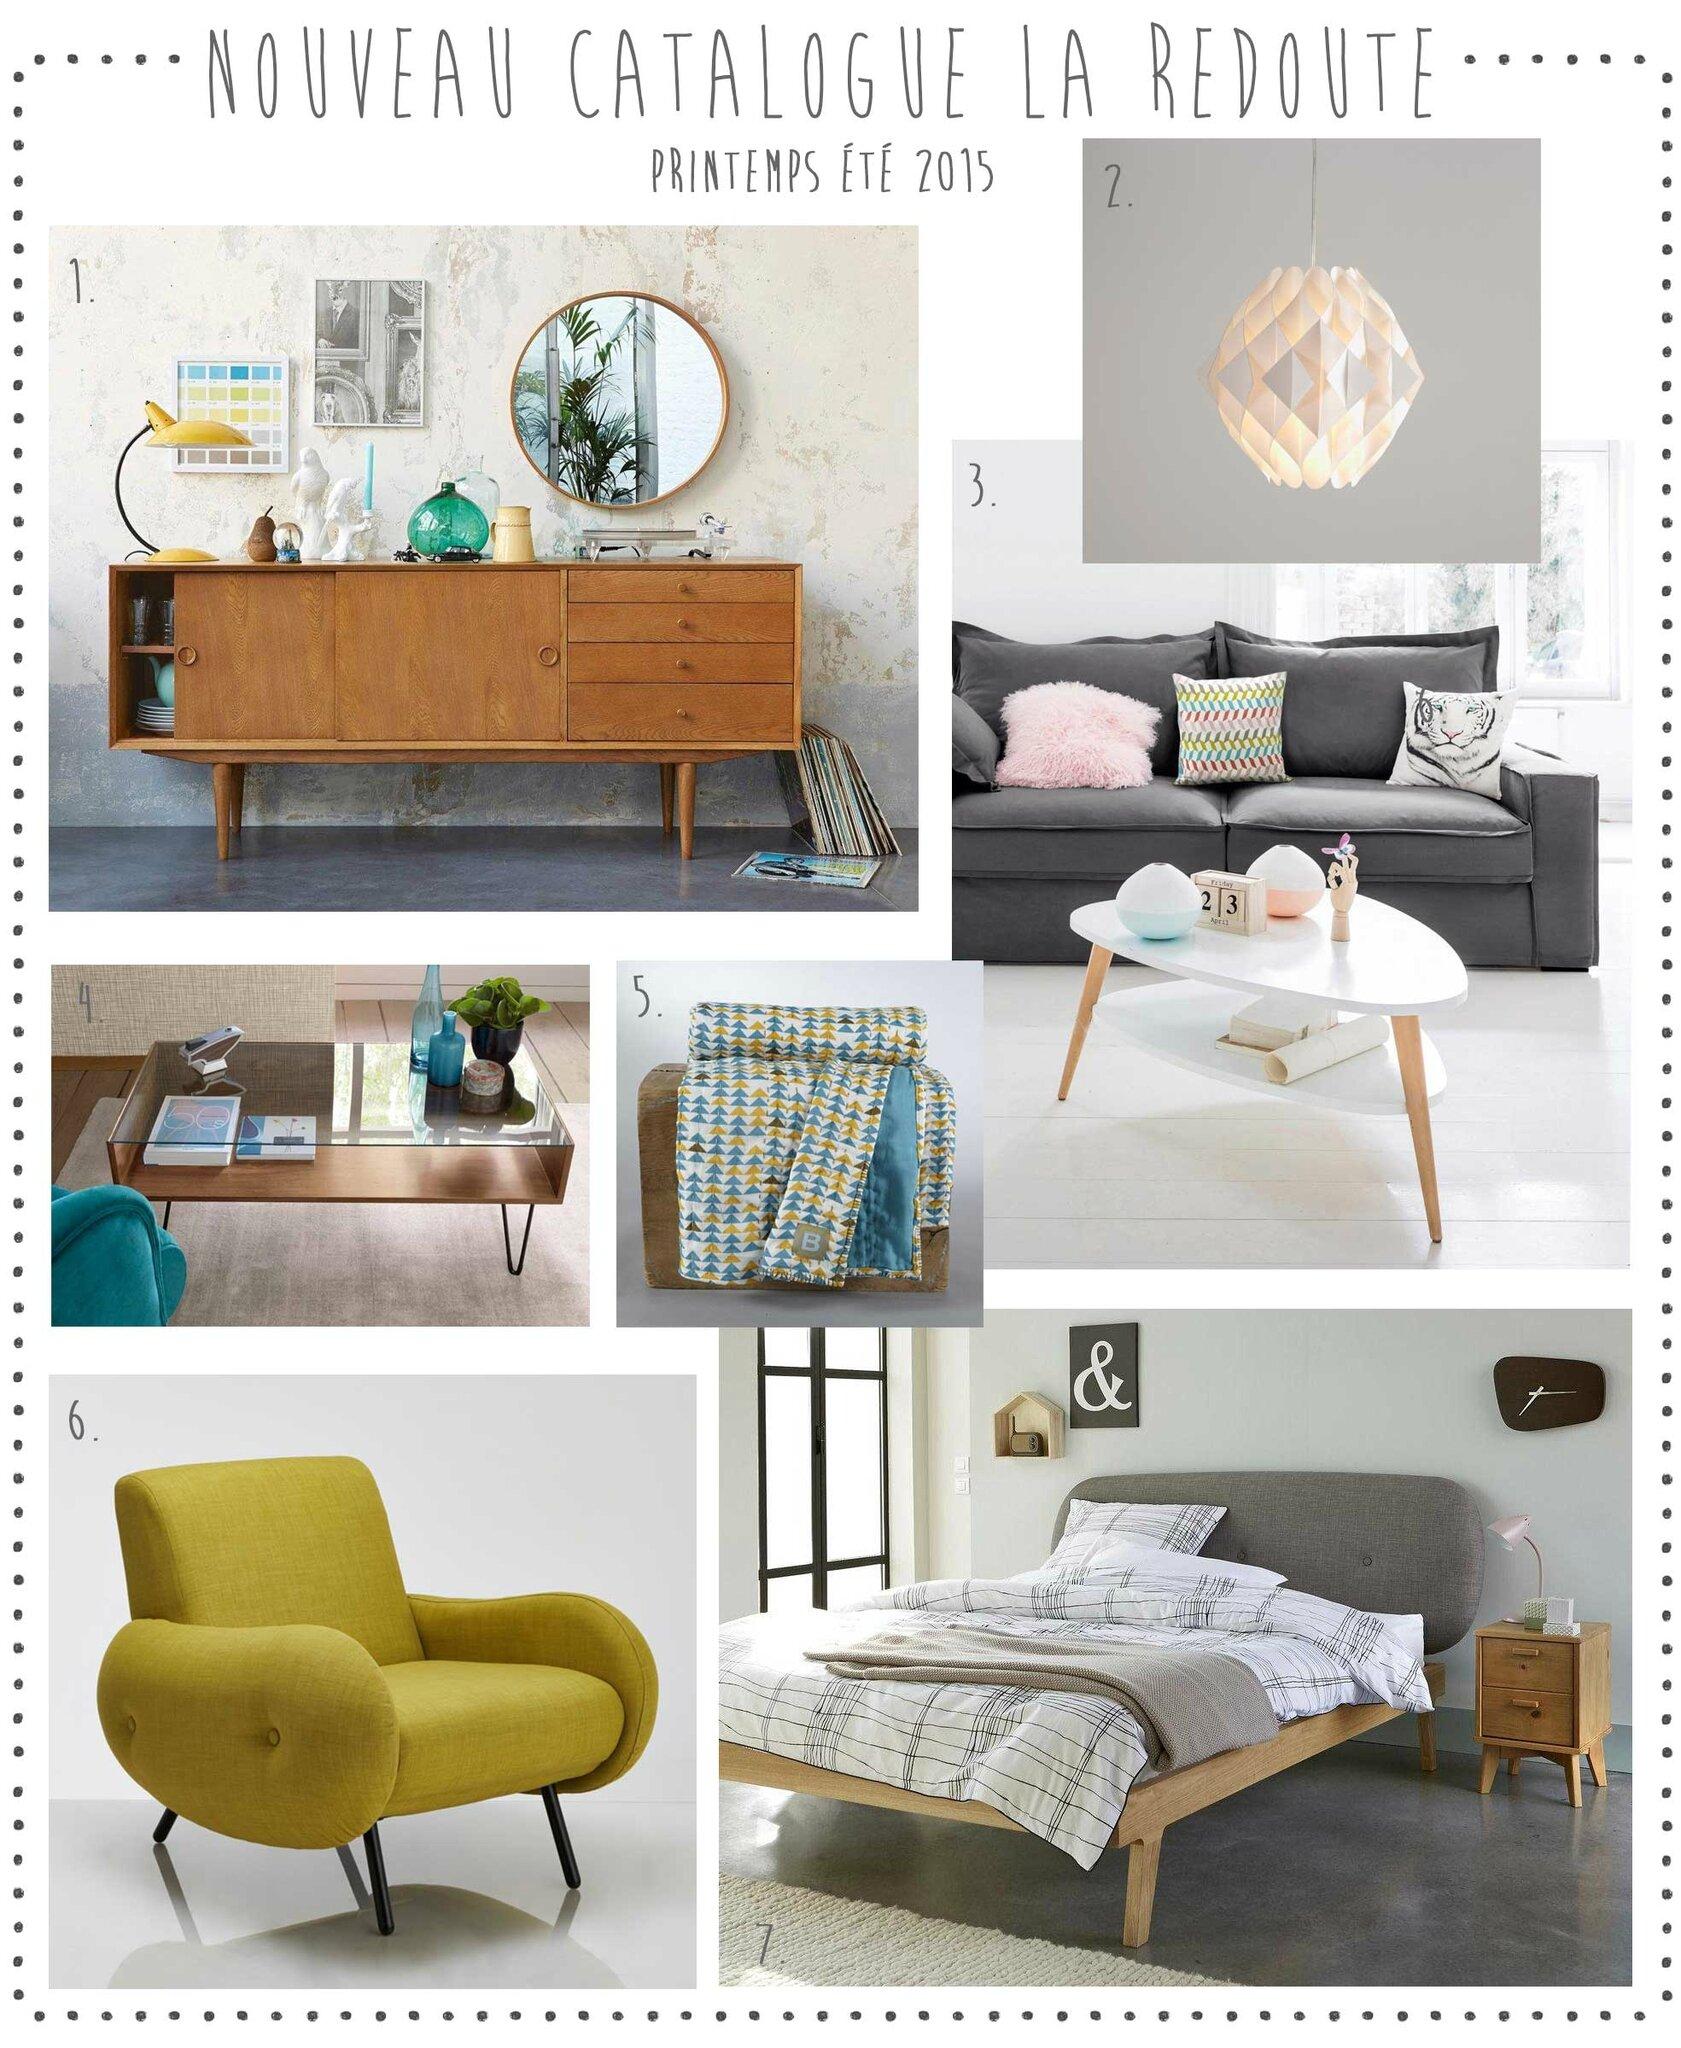 nouveau le catalogue la redoute printemps t 2015 deco trendy a t e l i e r. Black Bedroom Furniture Sets. Home Design Ideas